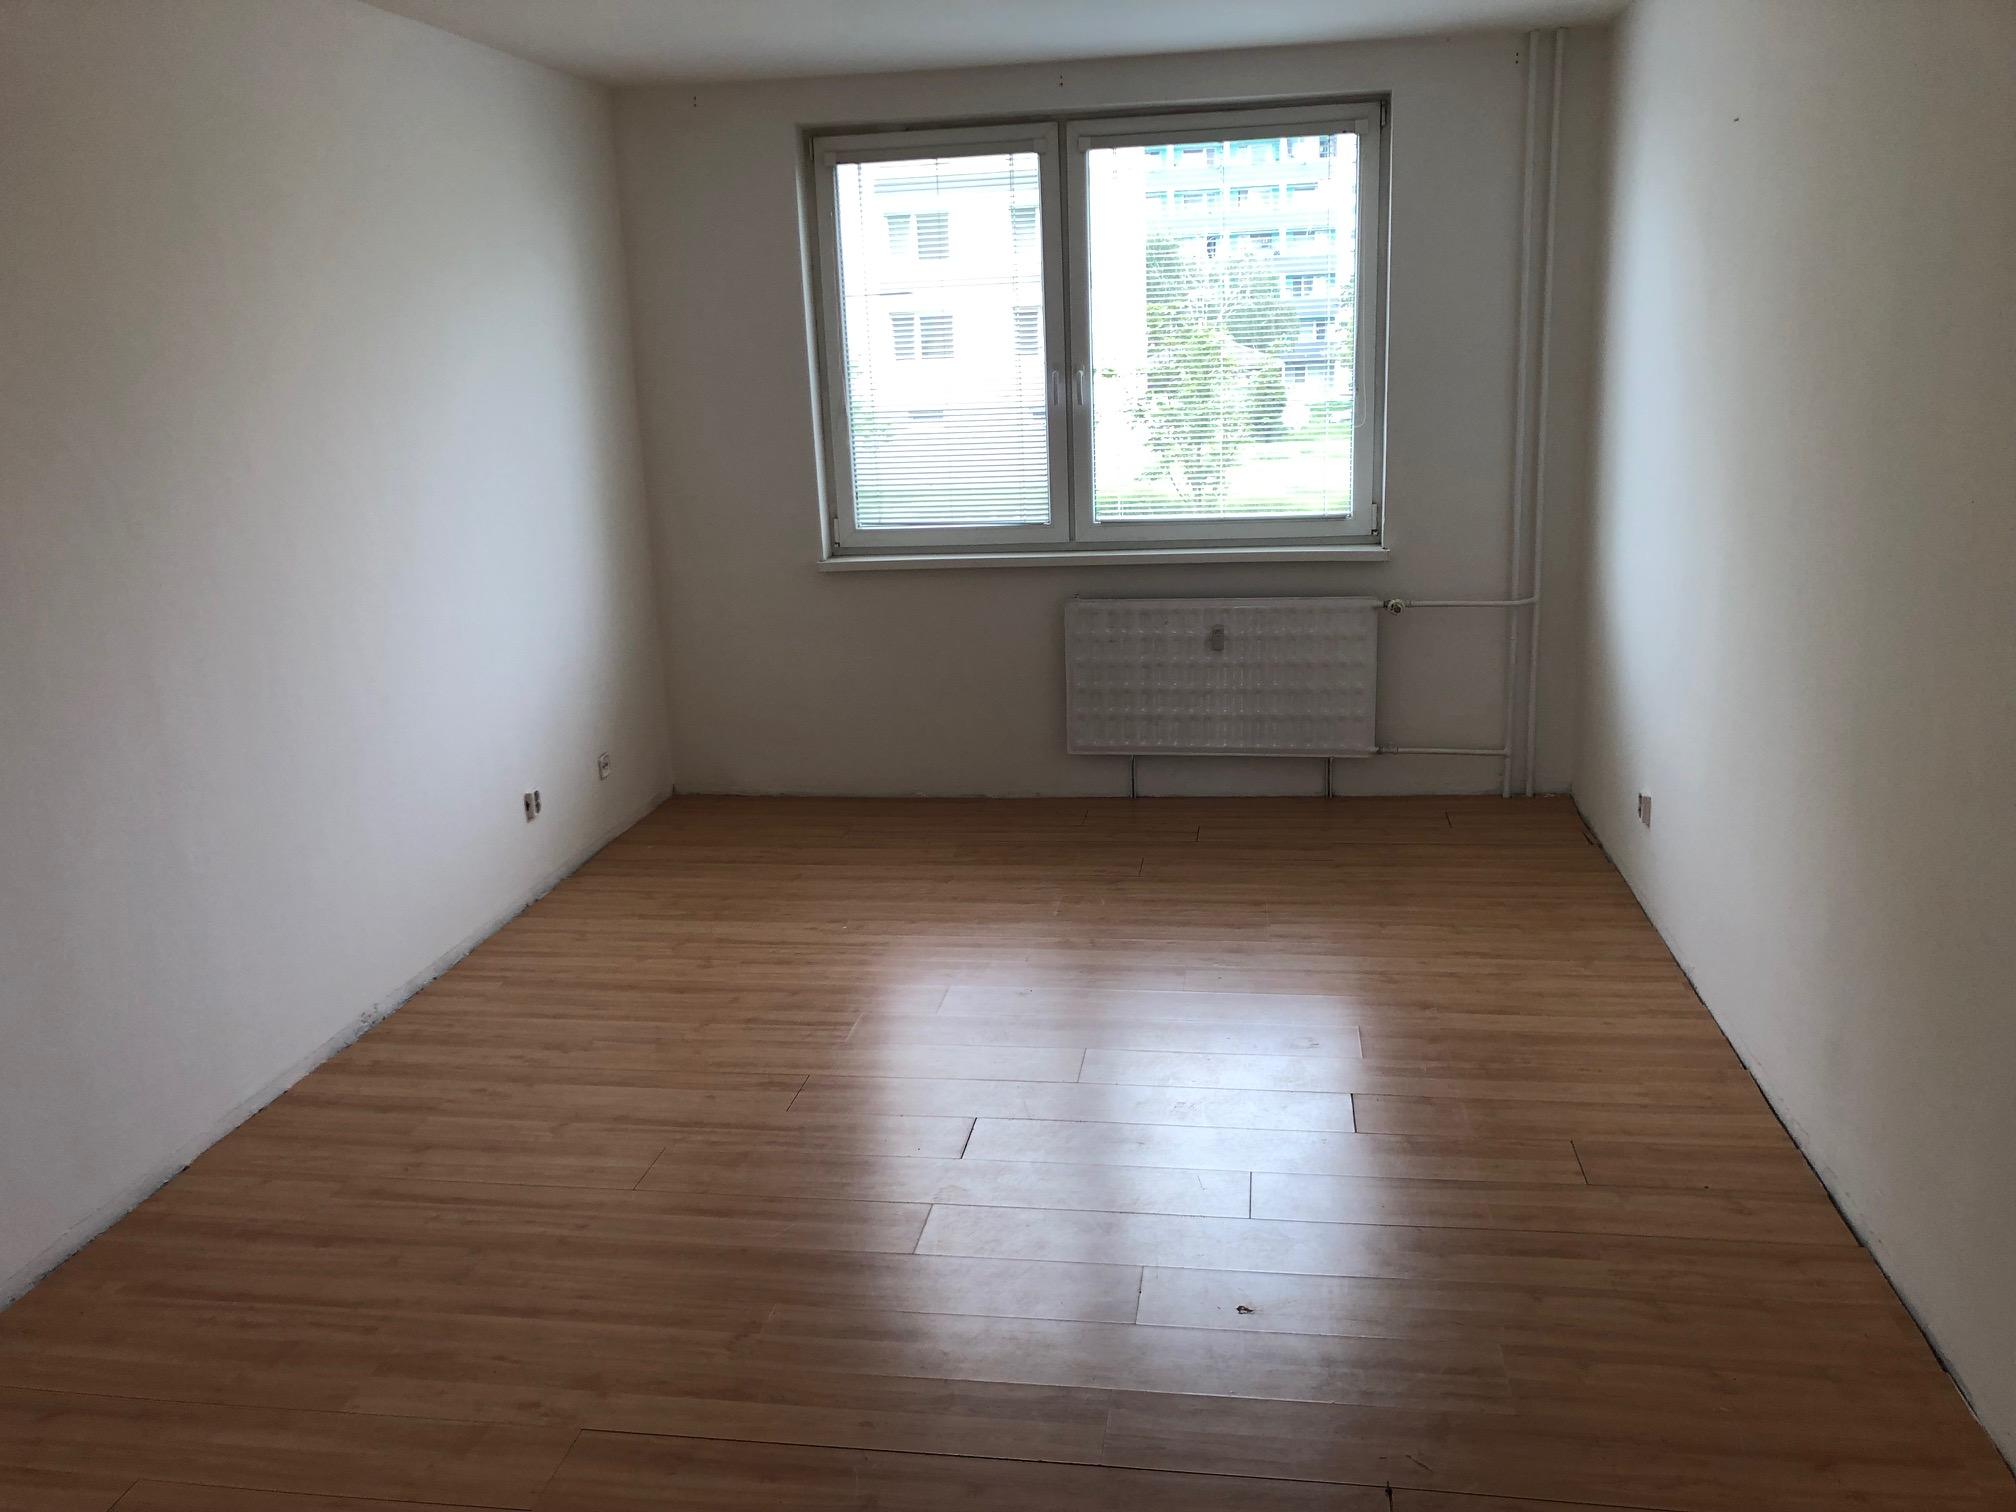 Predané: 2 izbový byt, 52m2, pivnica, pôvodný stav, Skuteckého, Malacky Juh-23